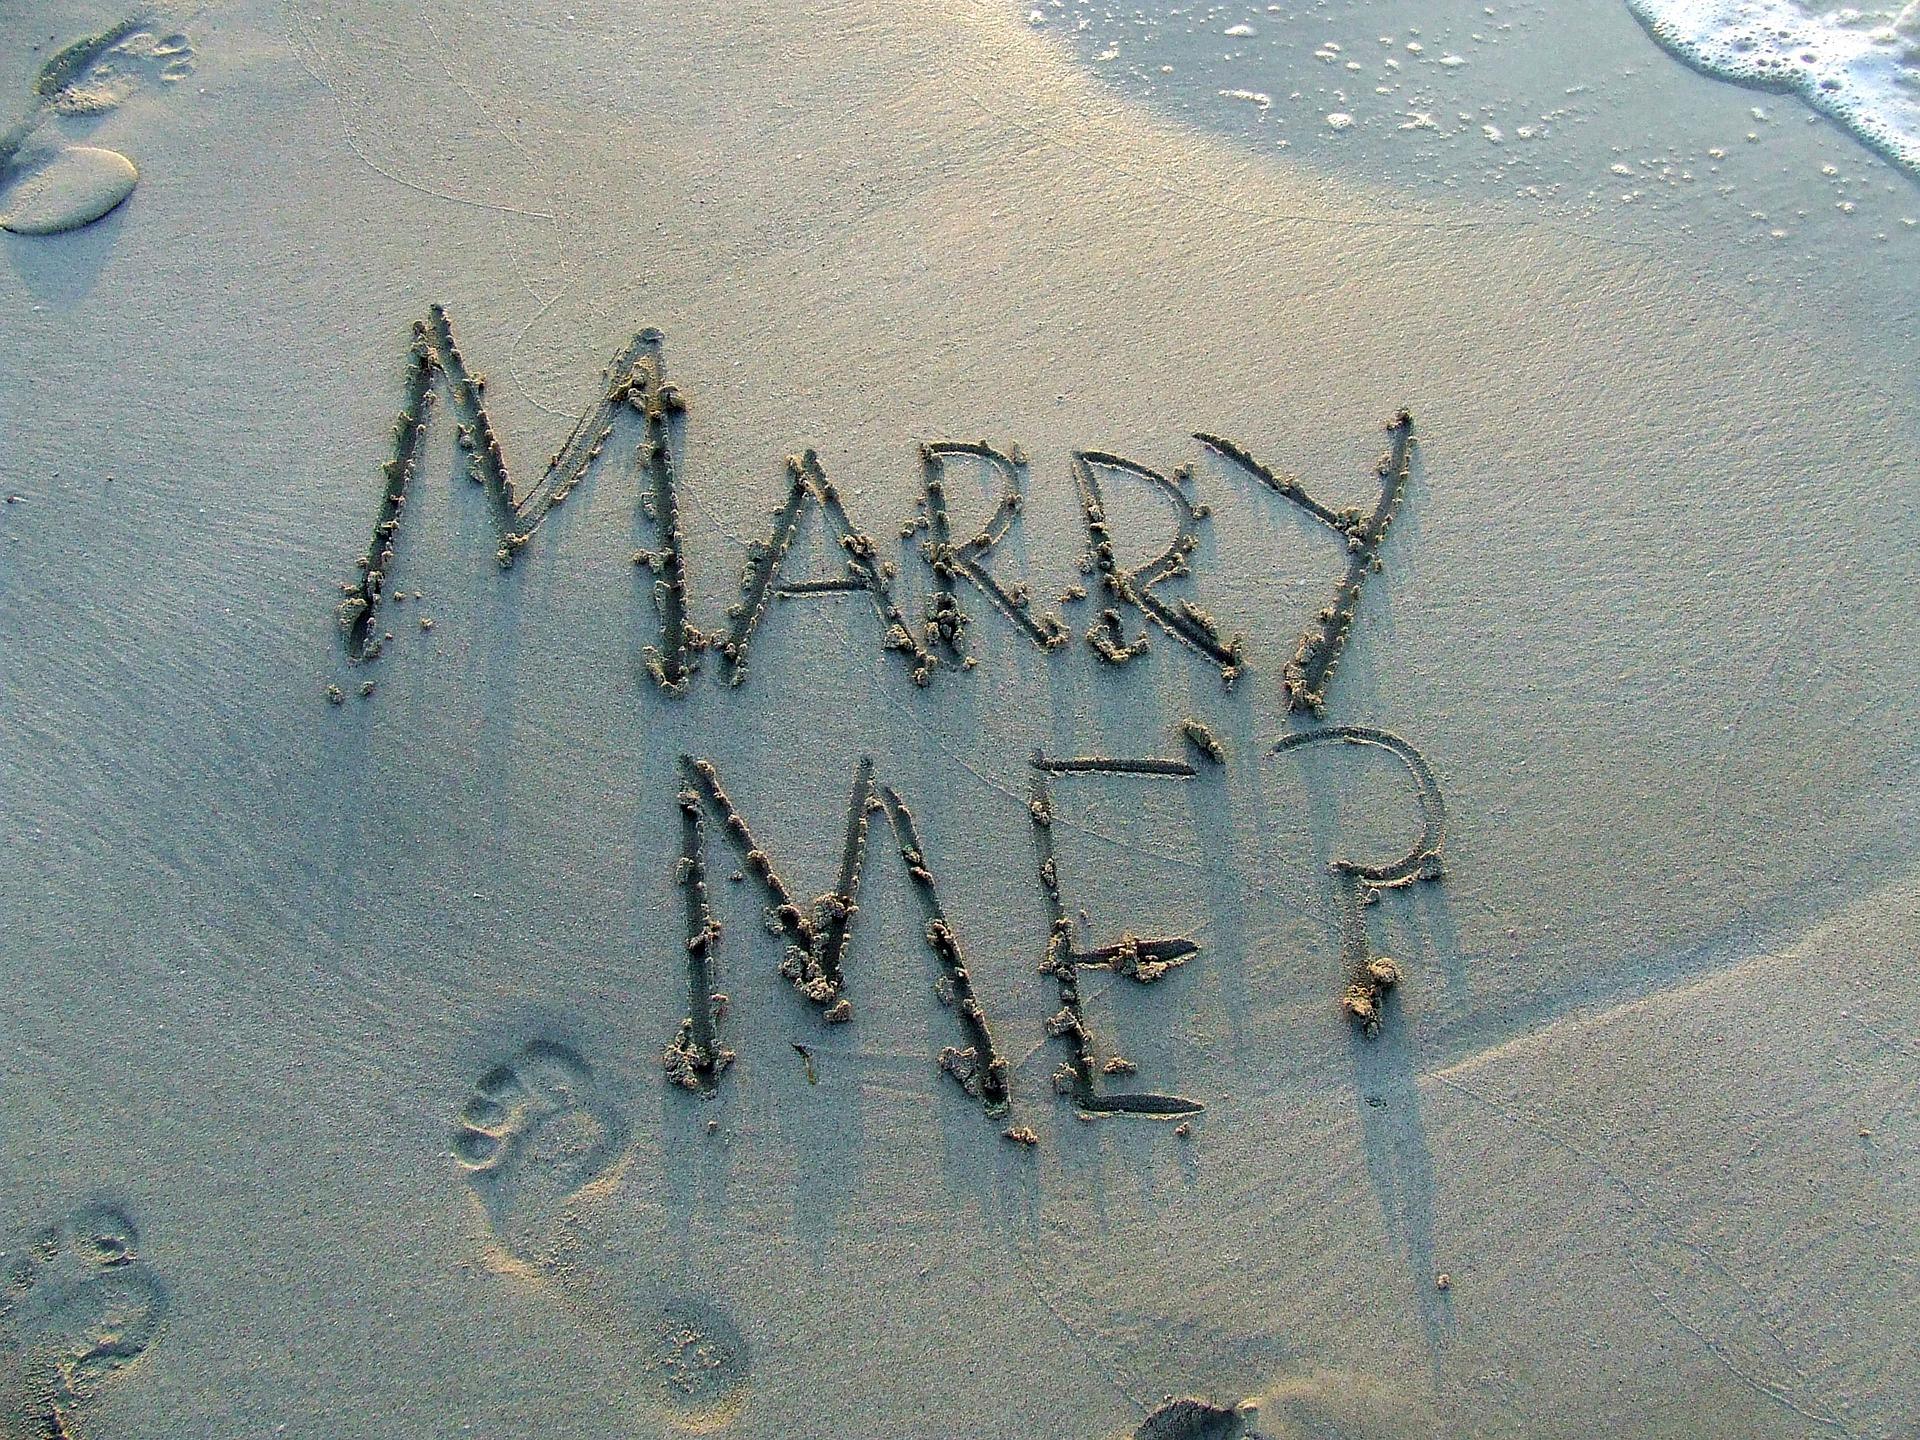 marry-me-1044416 1920.jpg eb0448a6ba